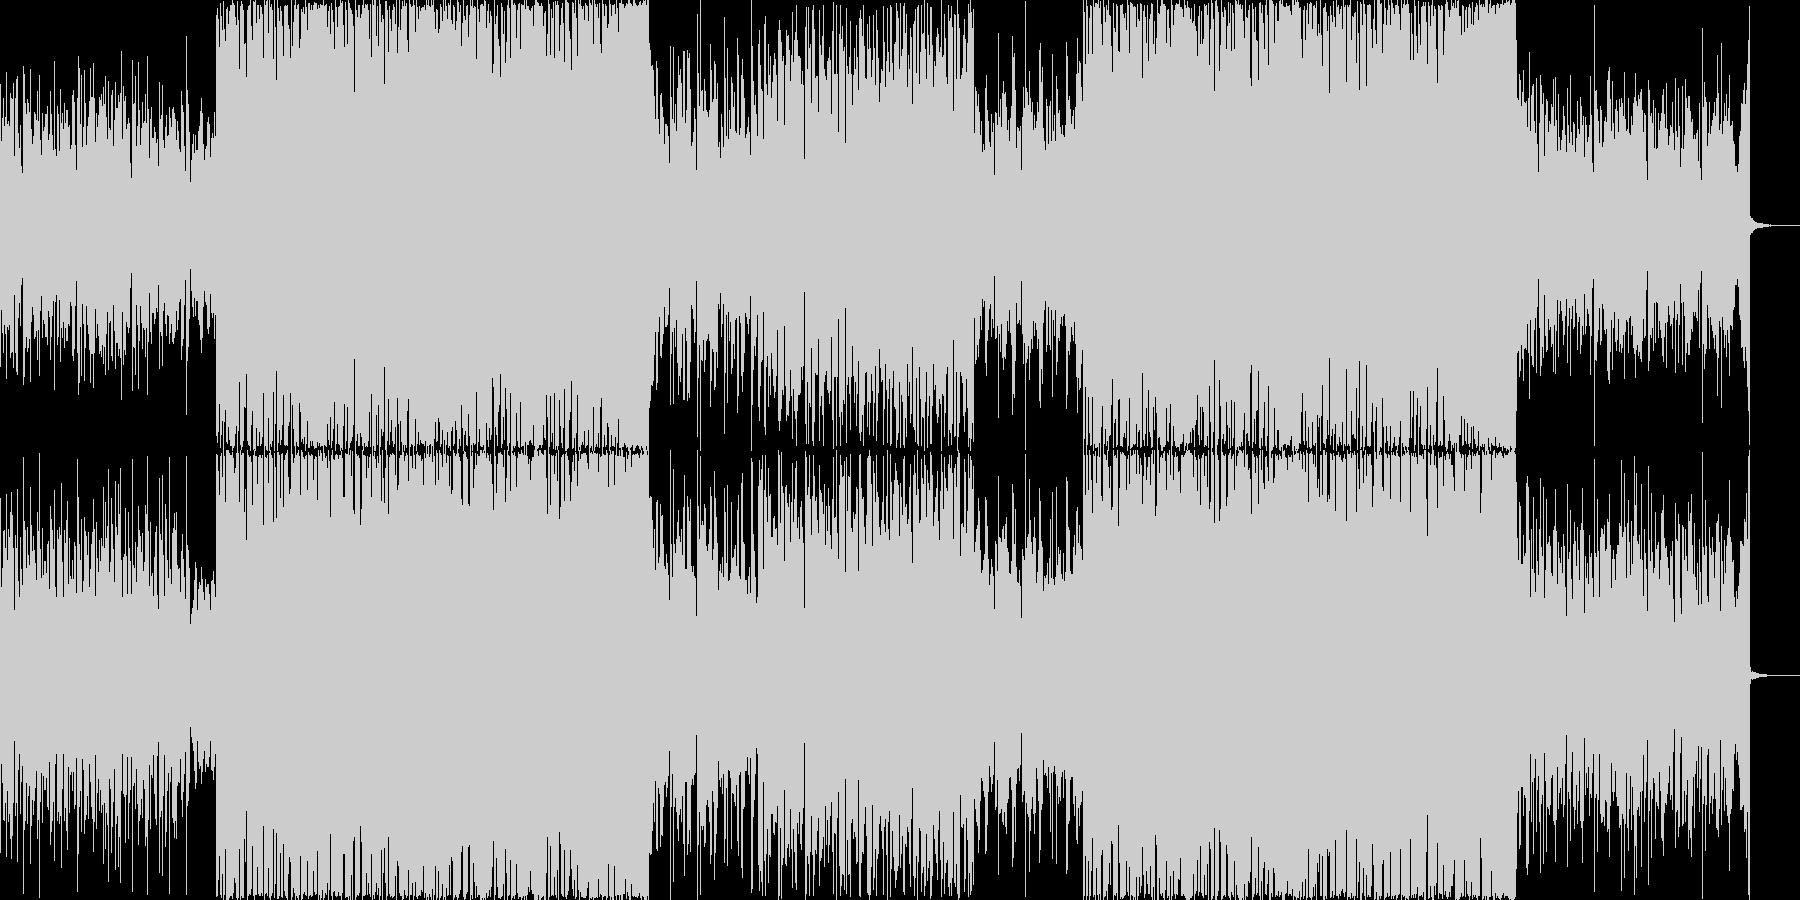 パーティーチューンなトロピカルハウス#1の未再生の波形